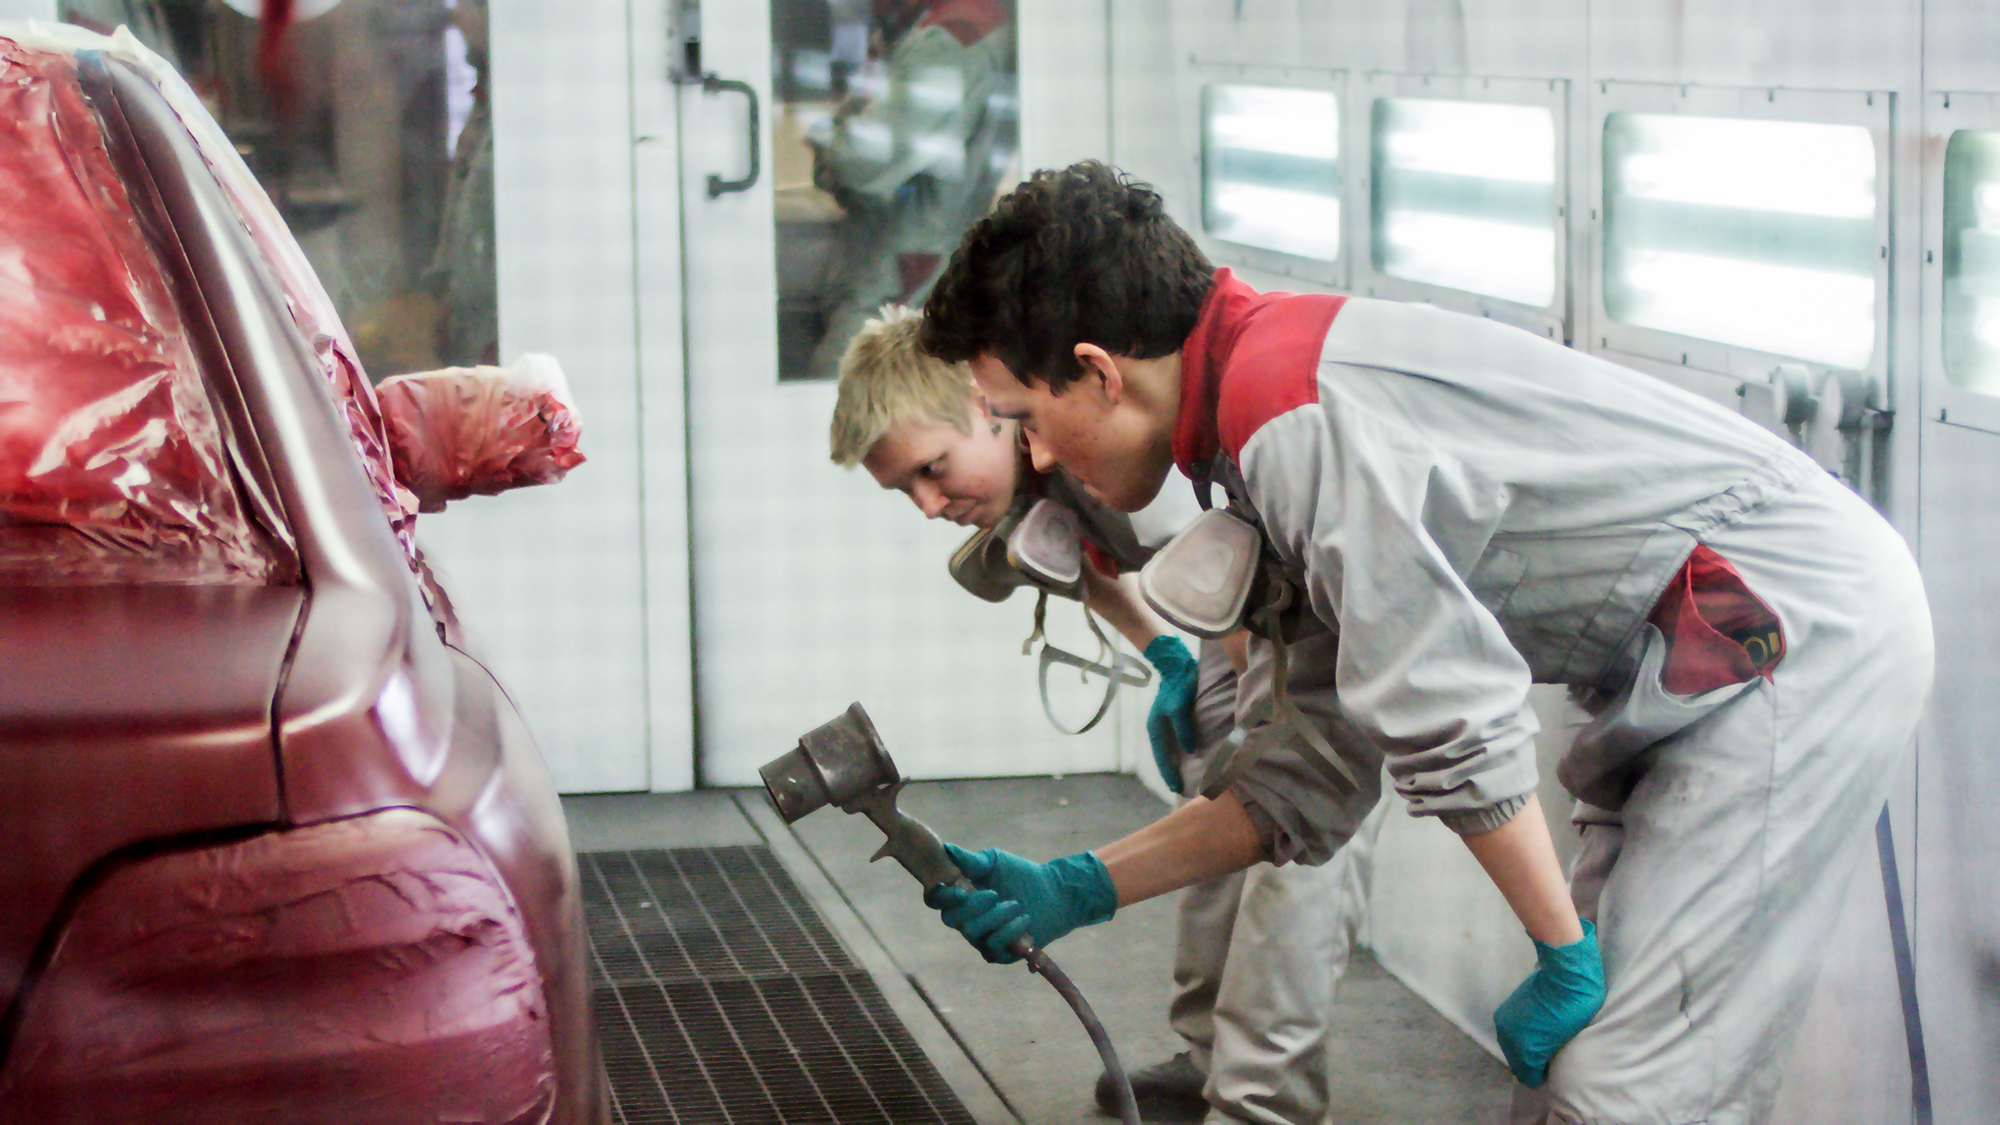 профессия специалист по покраске машин в колледжах Финляндии